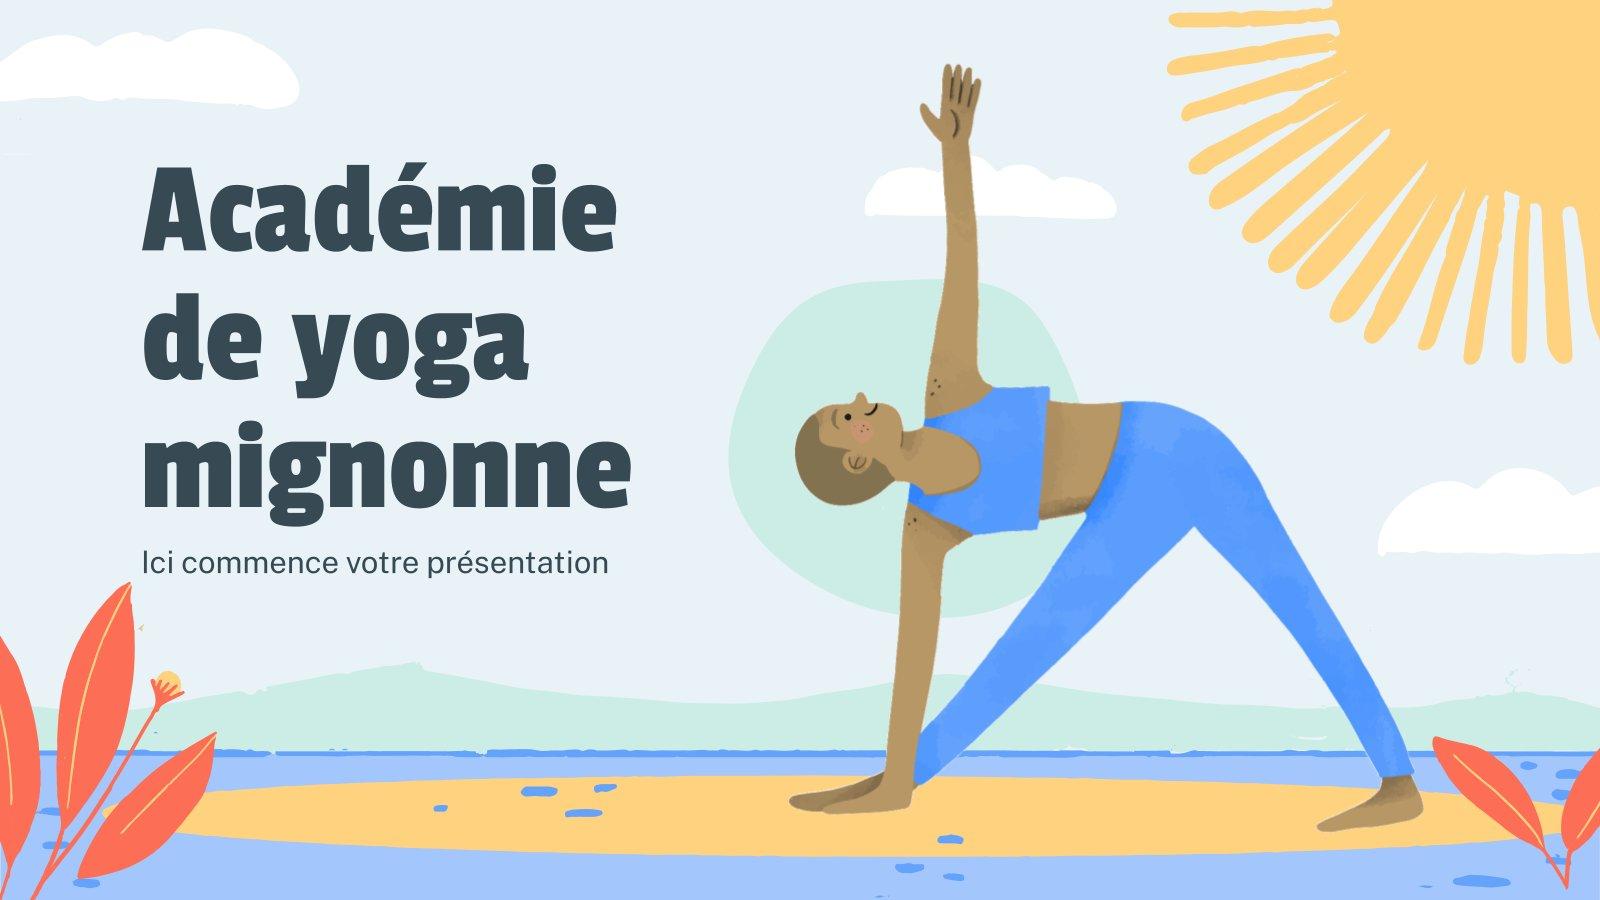 Süßes Yoga Akademie Minithema Präsentationsvorlage